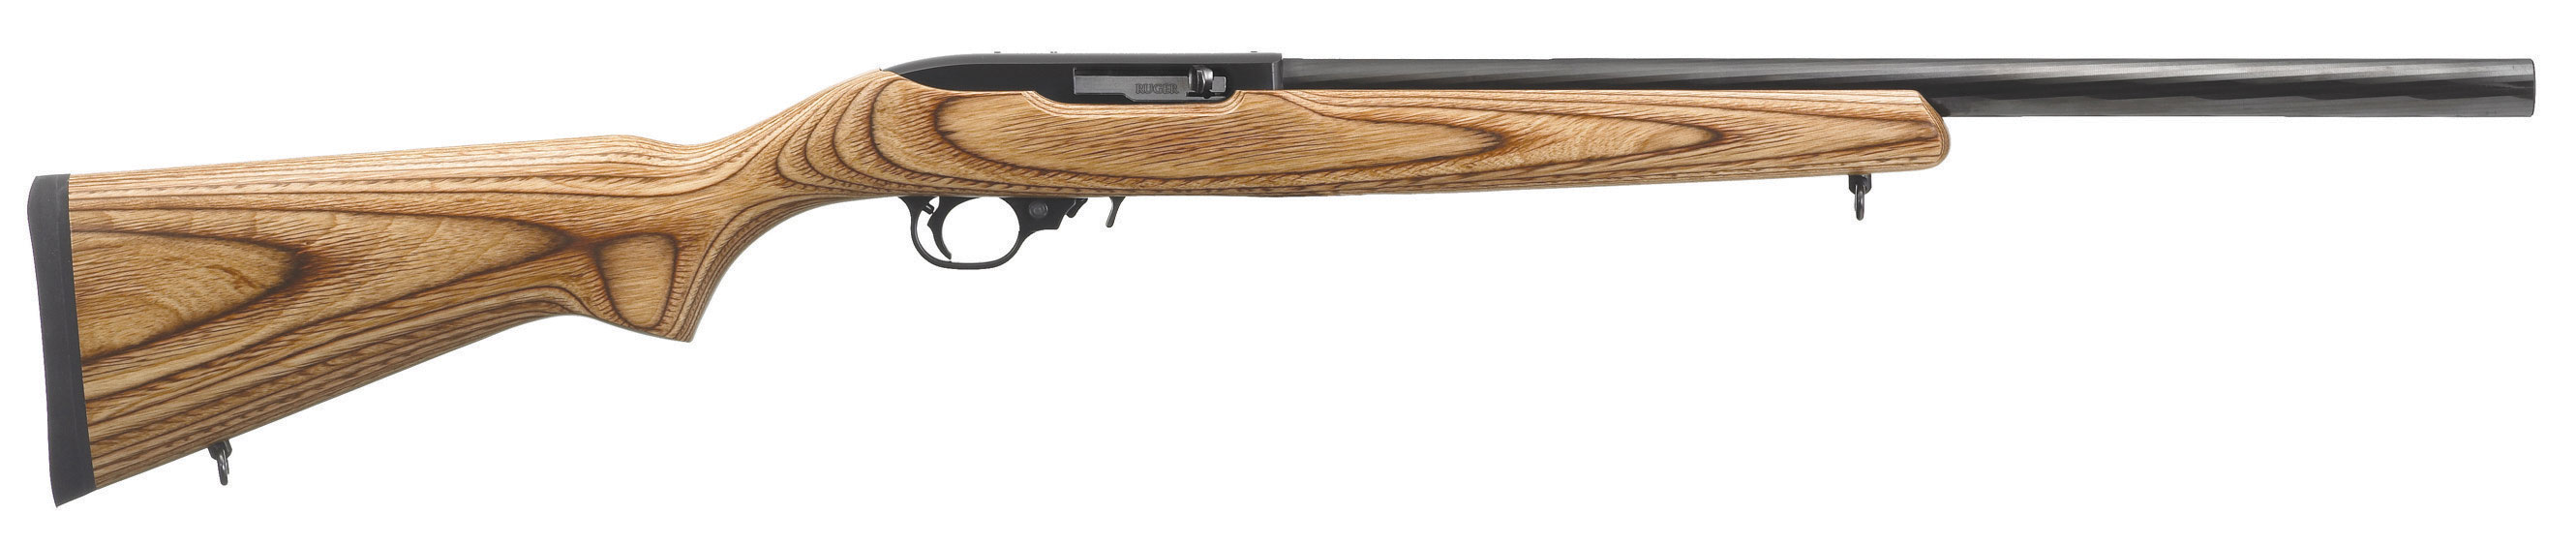 Ruger 10/22 Target Brown cal. 22lr